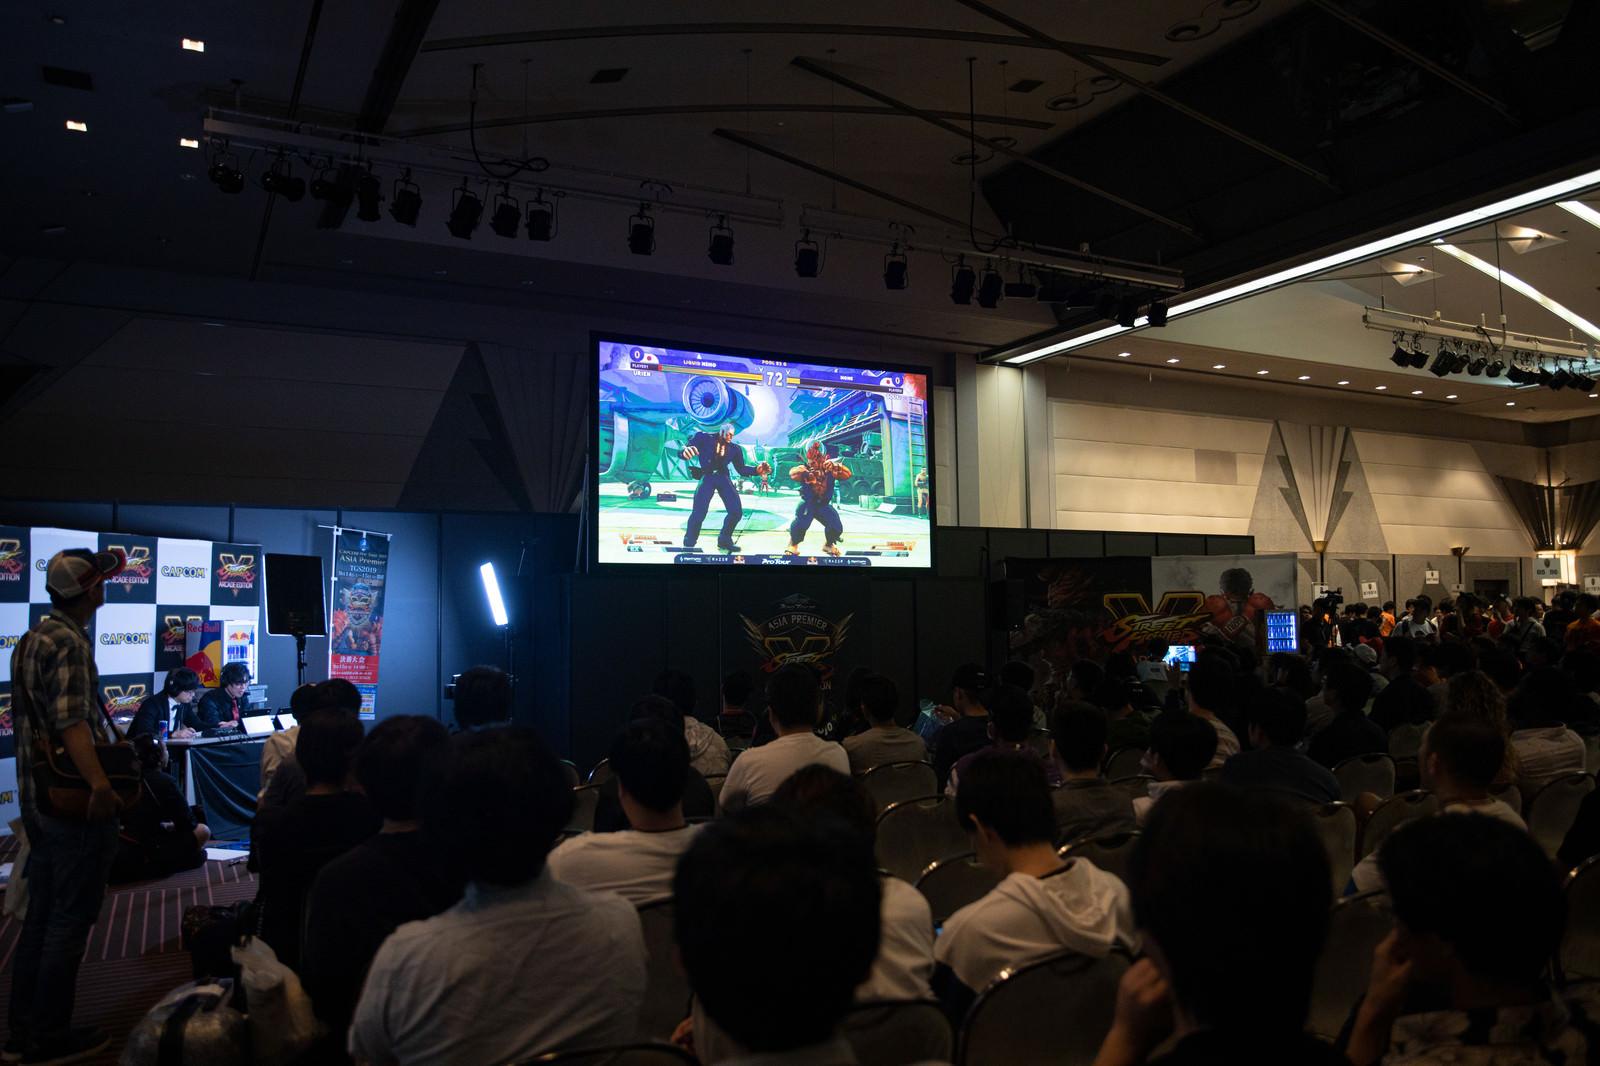 「大会の様子と実況解説 - CAPCOM Pro Tour 2019 アジアプレミア」の写真